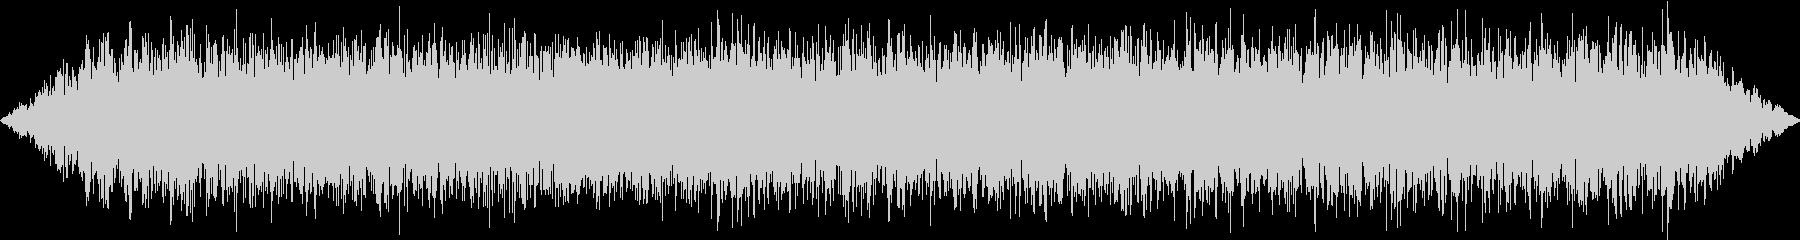 【生録音】エアコンの室外機の音 2の未再生の波形